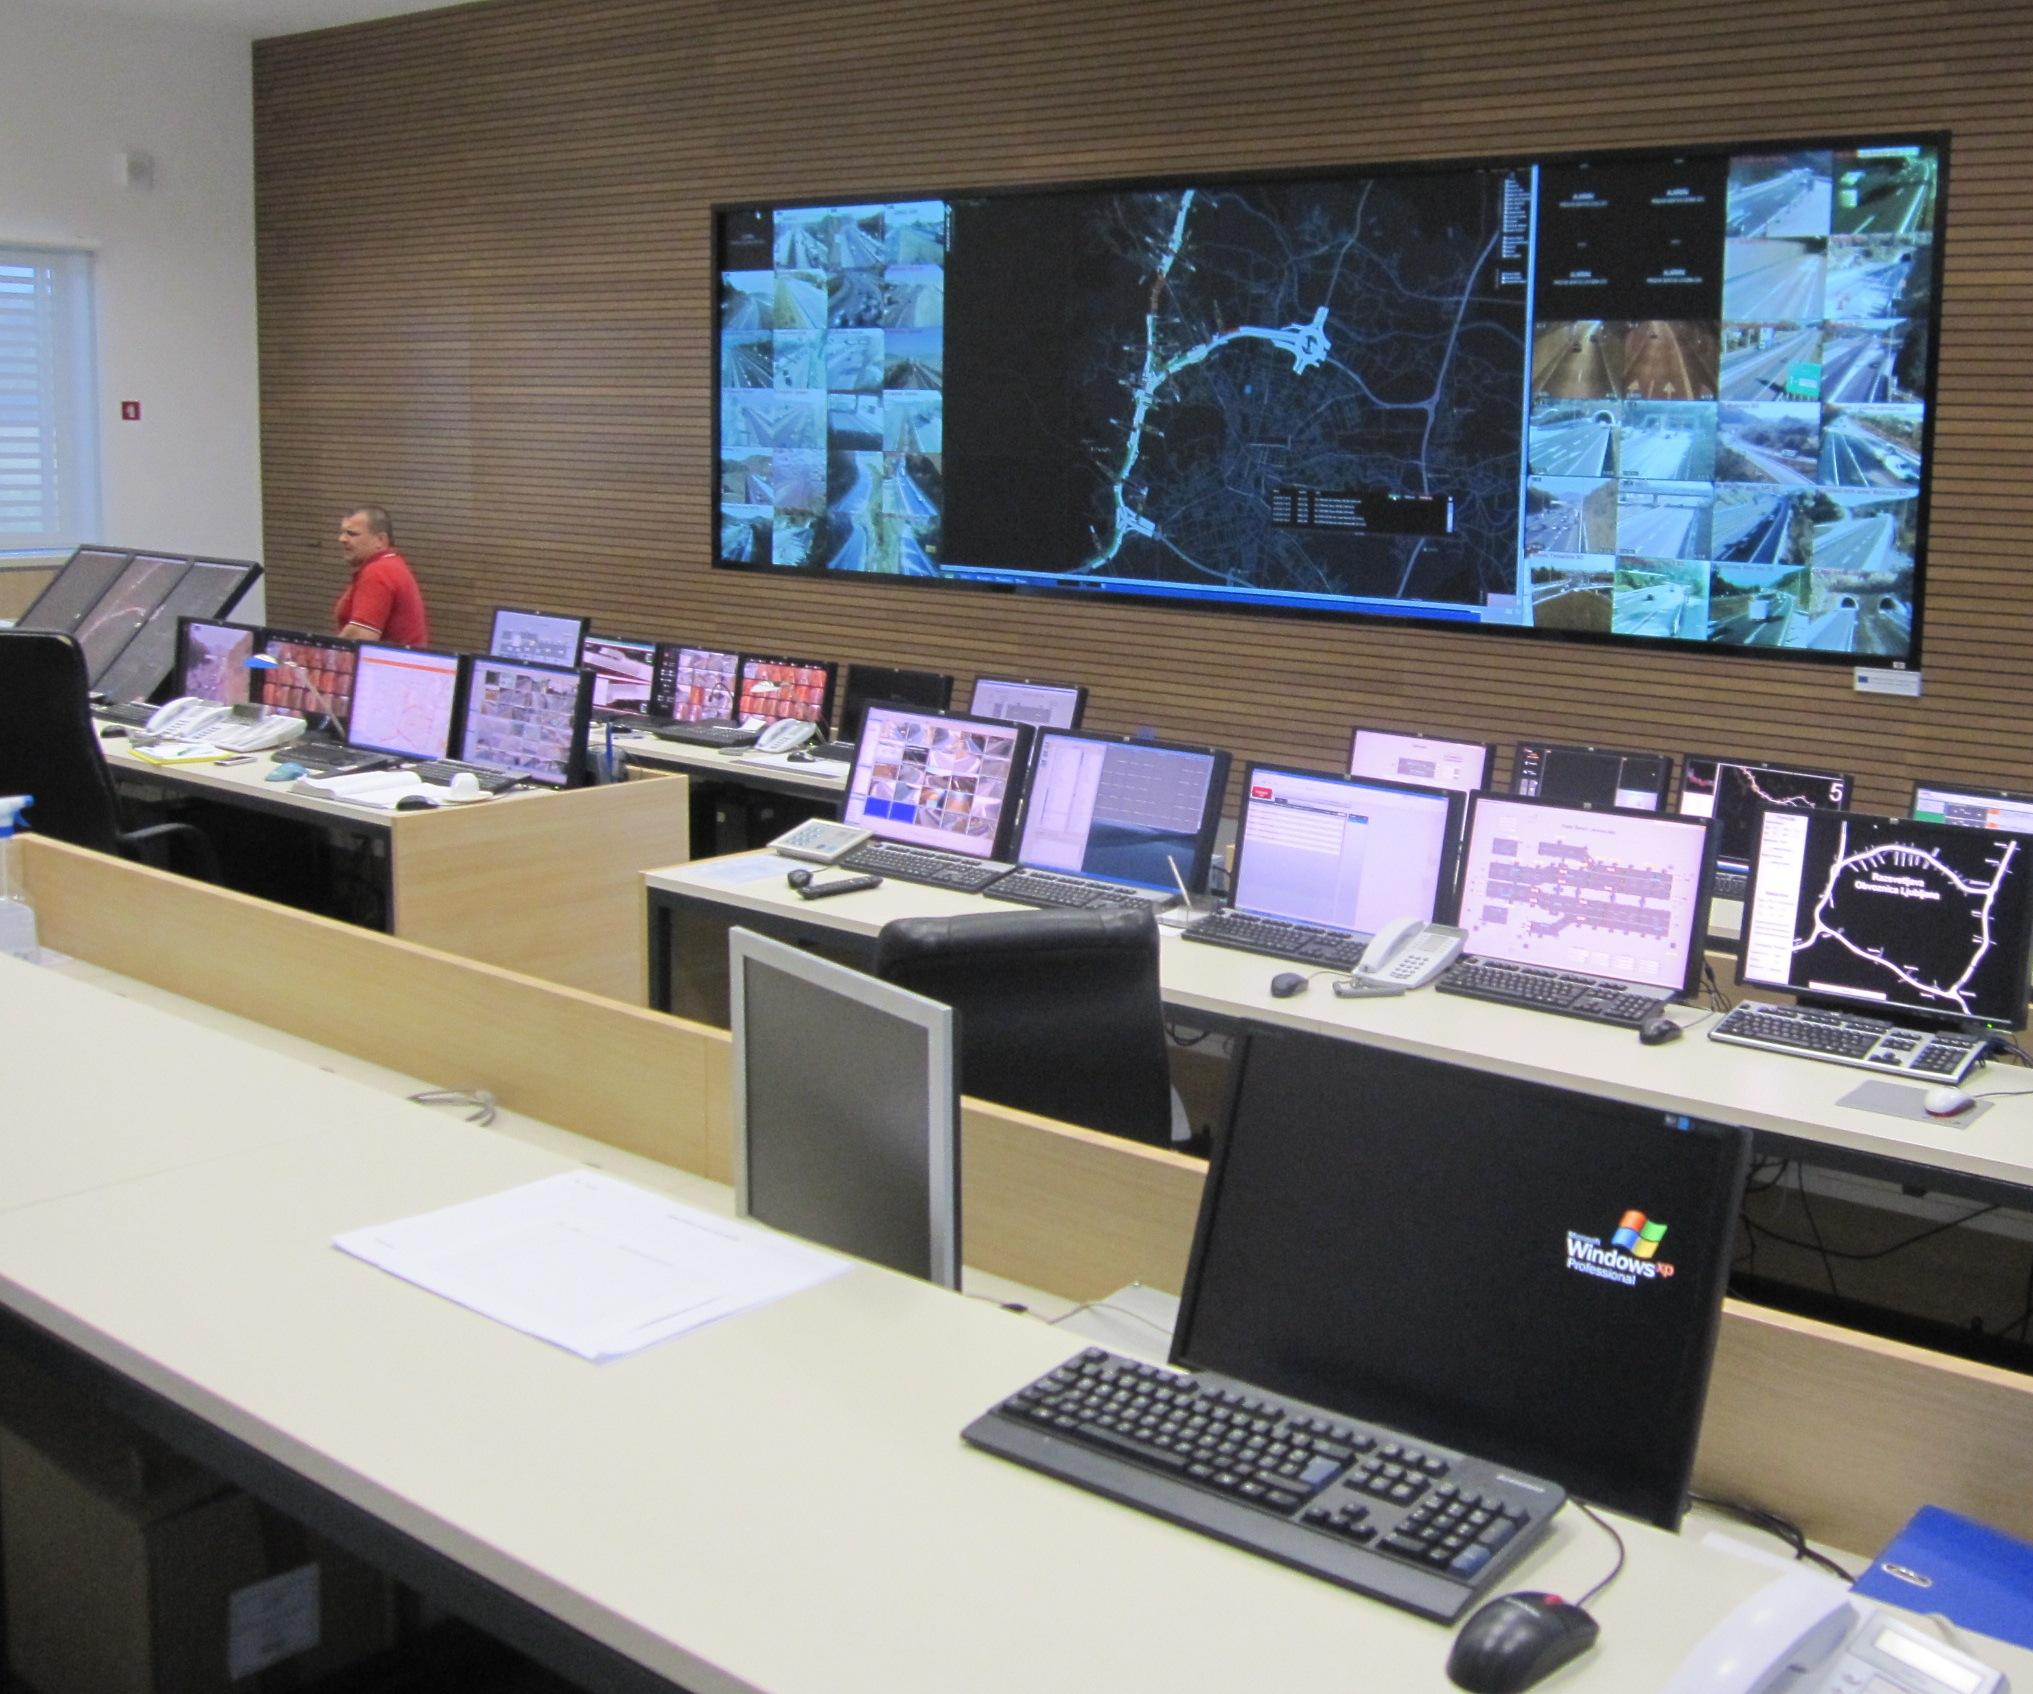 Regionalni nadzorni center Ljubljana